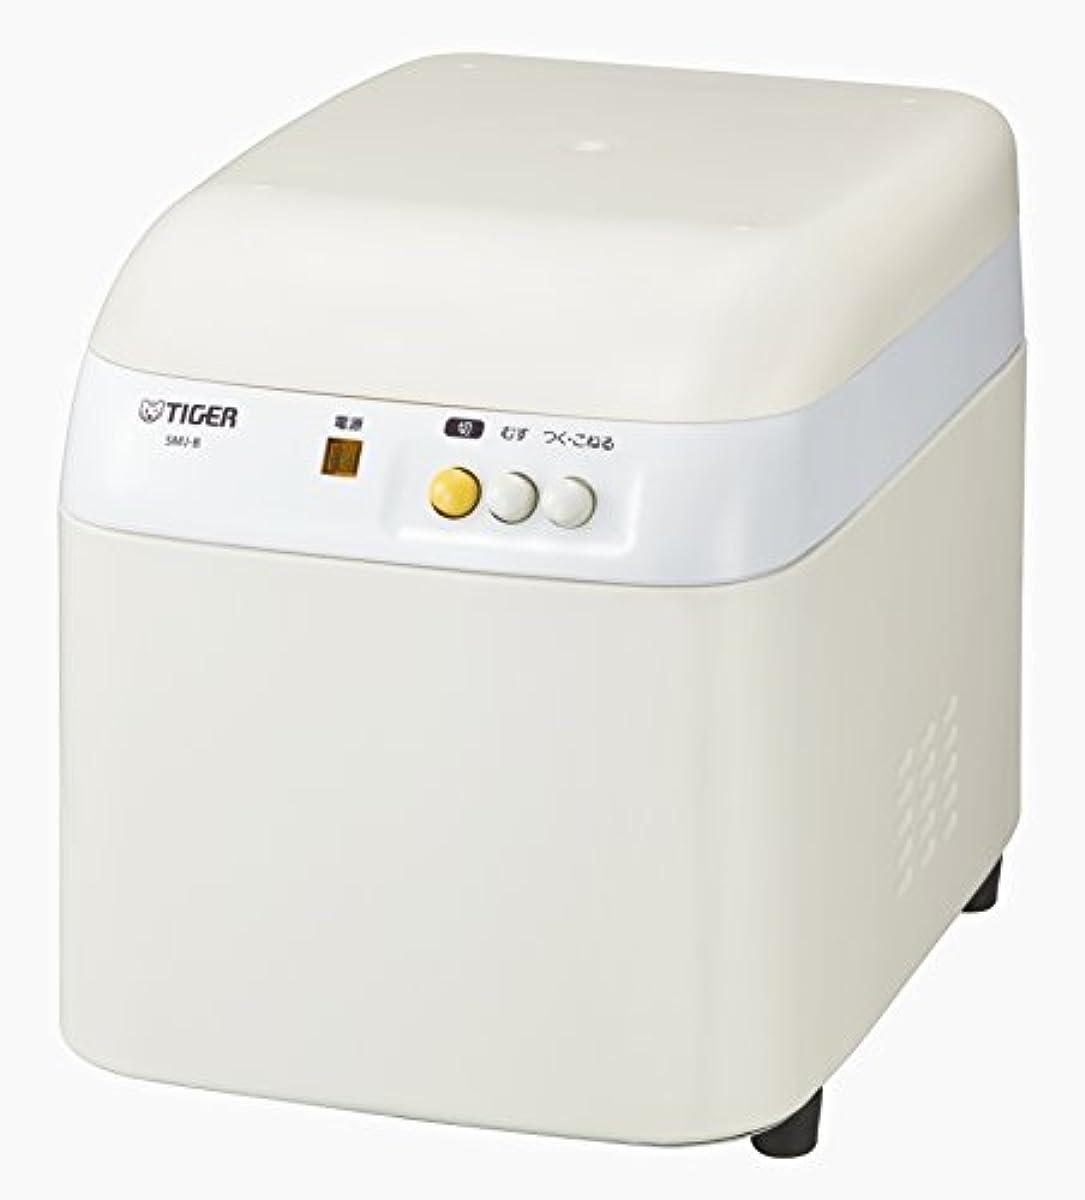 [해외] TIGER타이거 떡방아 기계 1되 SMJ-B180-WL